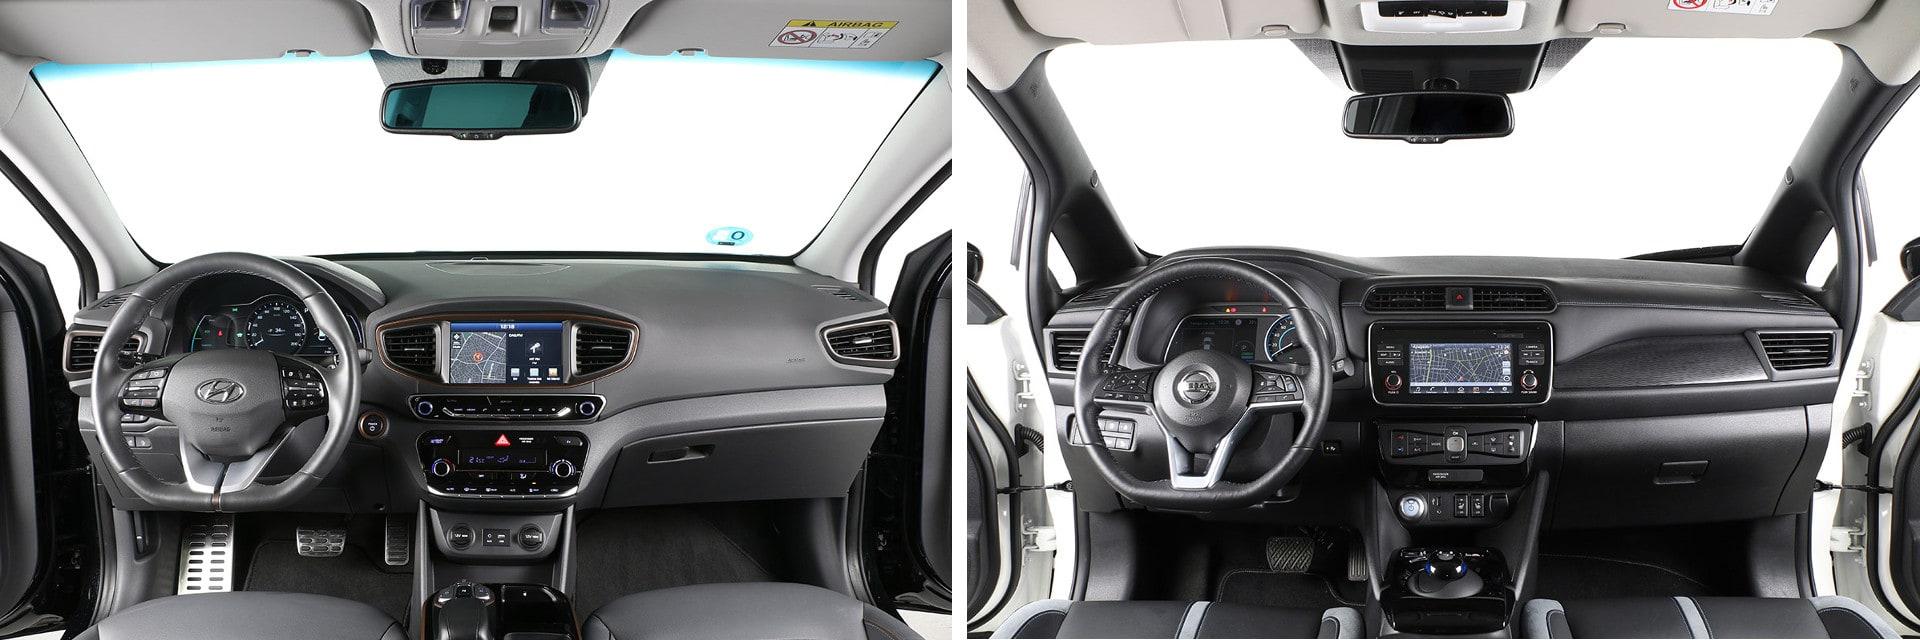 El volante del Hyundai (izq.) tiene ajuste vertical y horizontal; el del Leaf (dcha.), tan solo vertical.